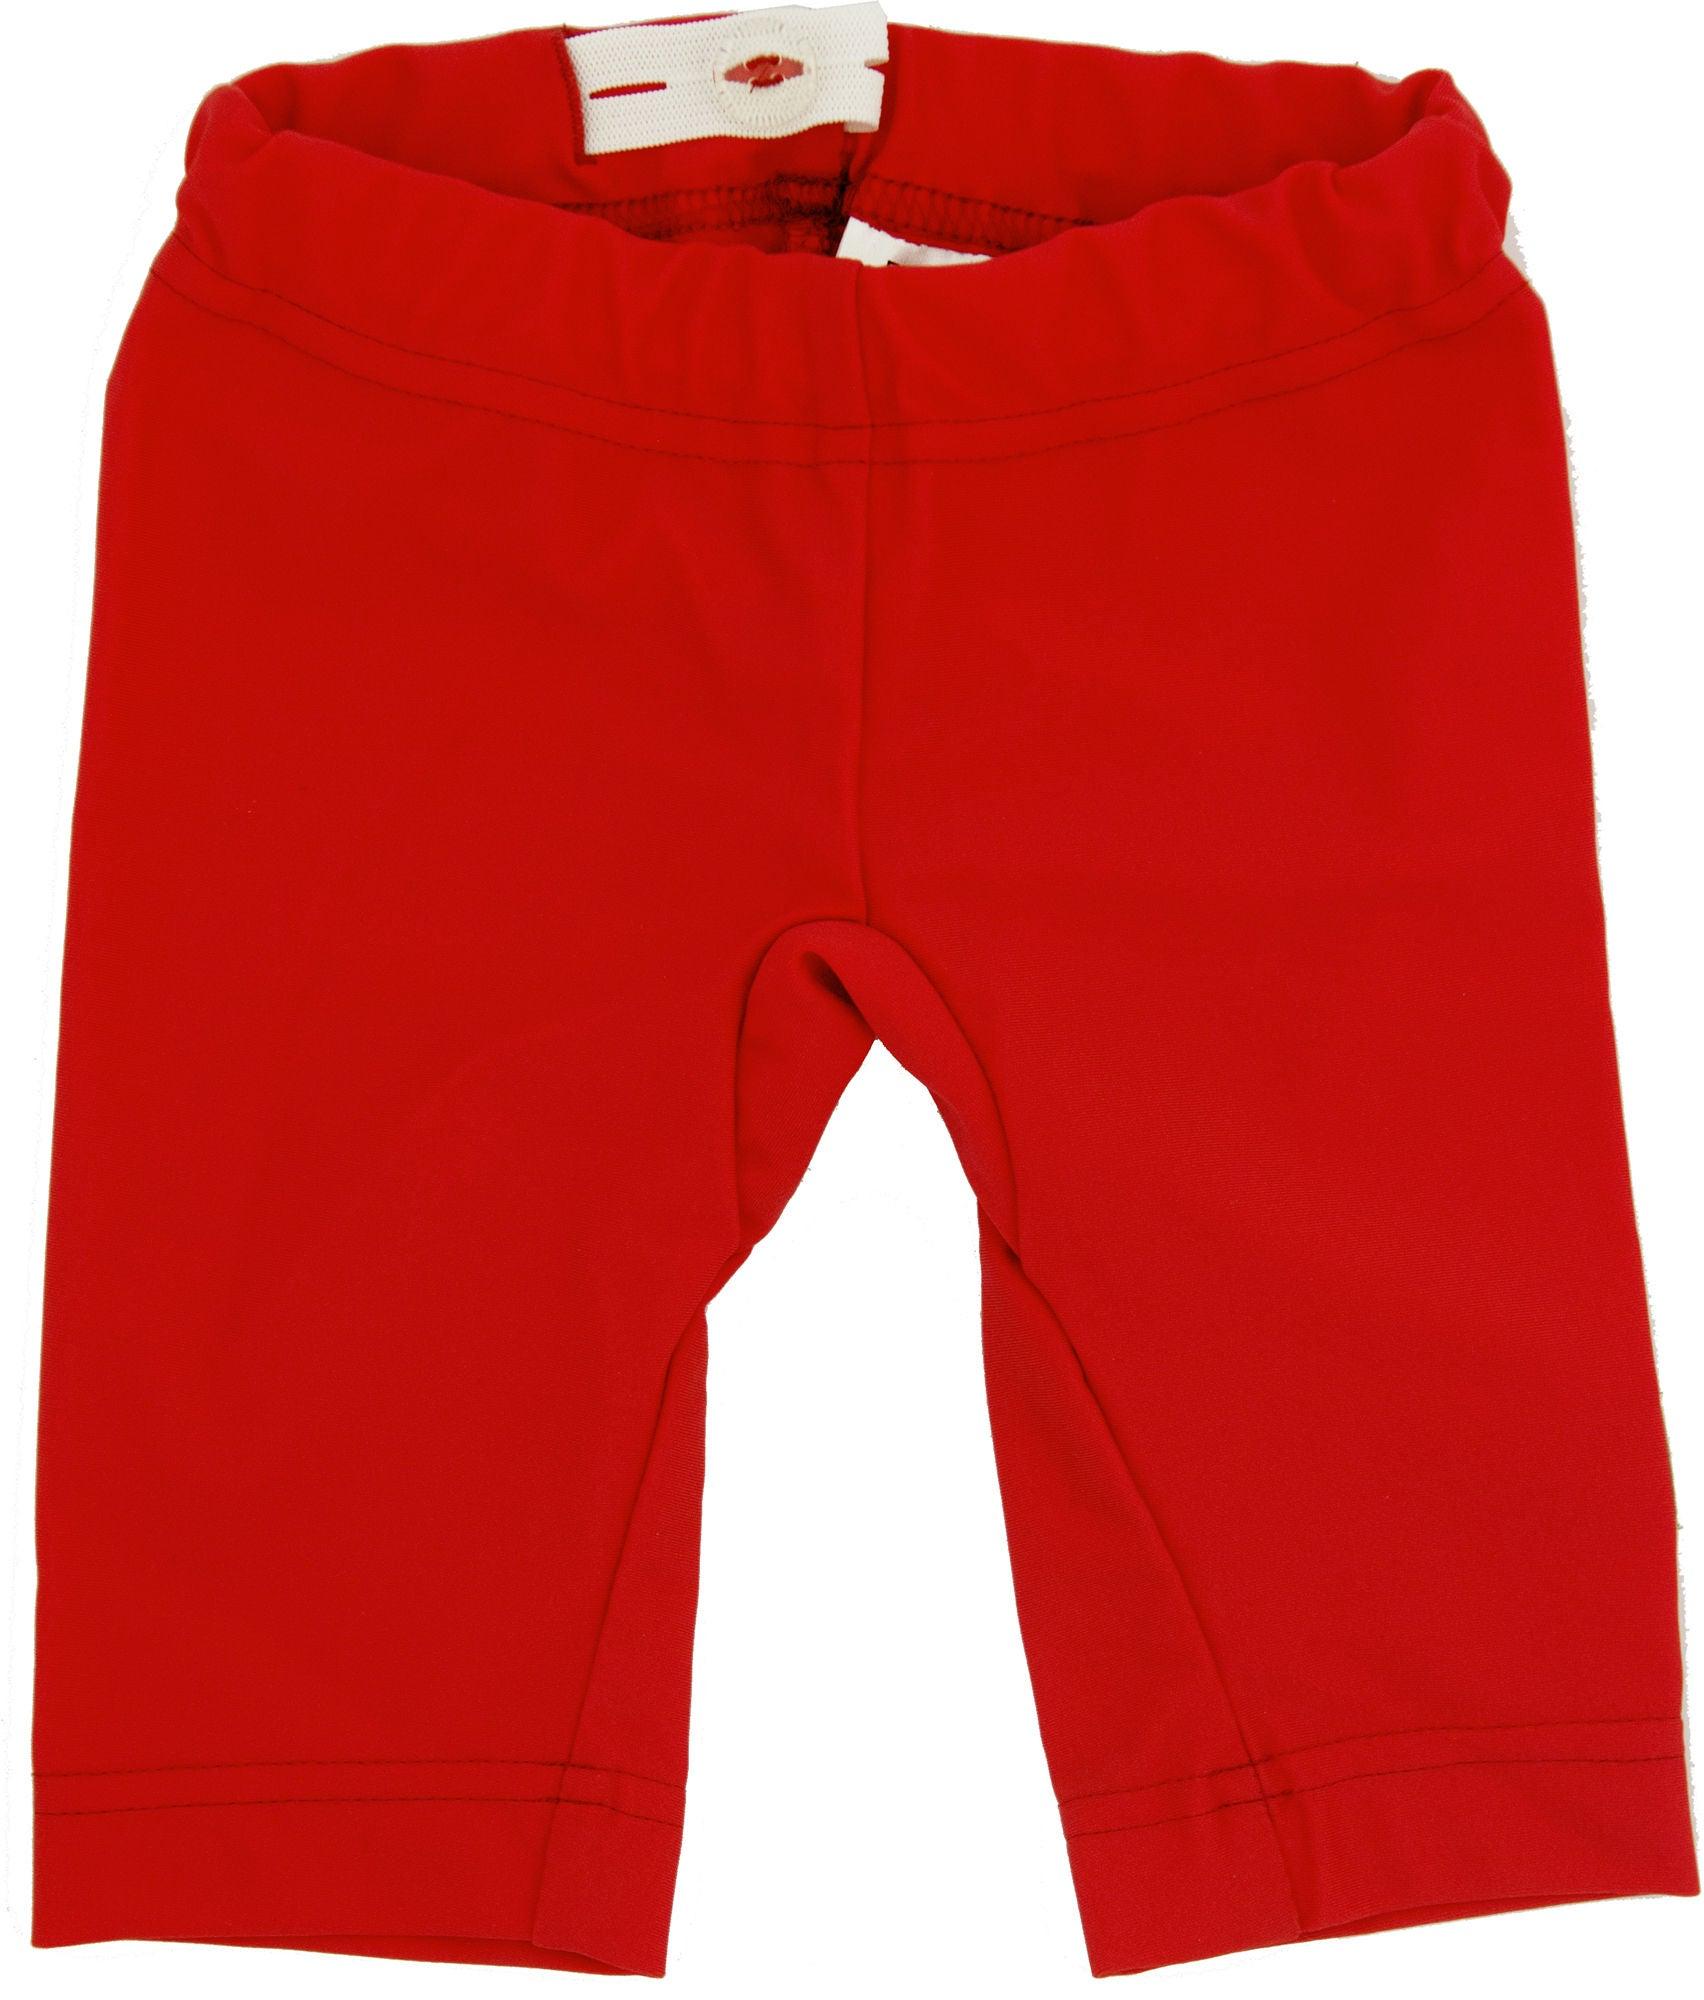 ImseVimse UV-Shorts, Red 62-68